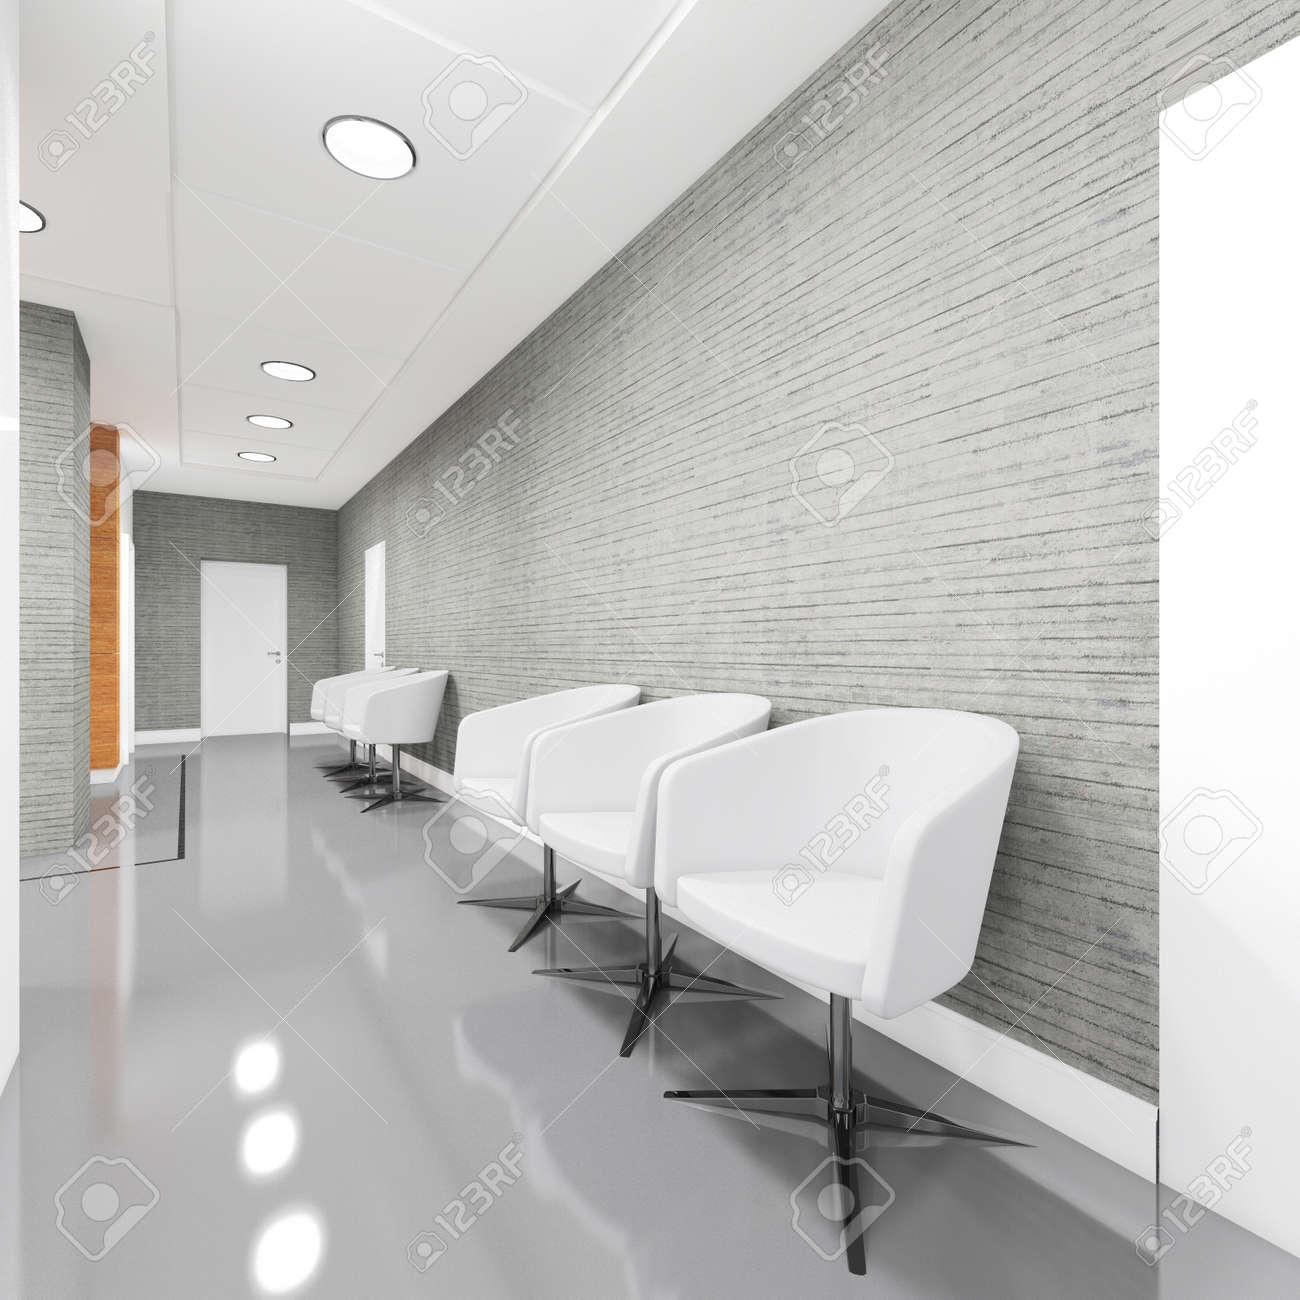 Büroeingangsbereich Interieur Mit Sessel 3d Darstellung Lizenzfreie